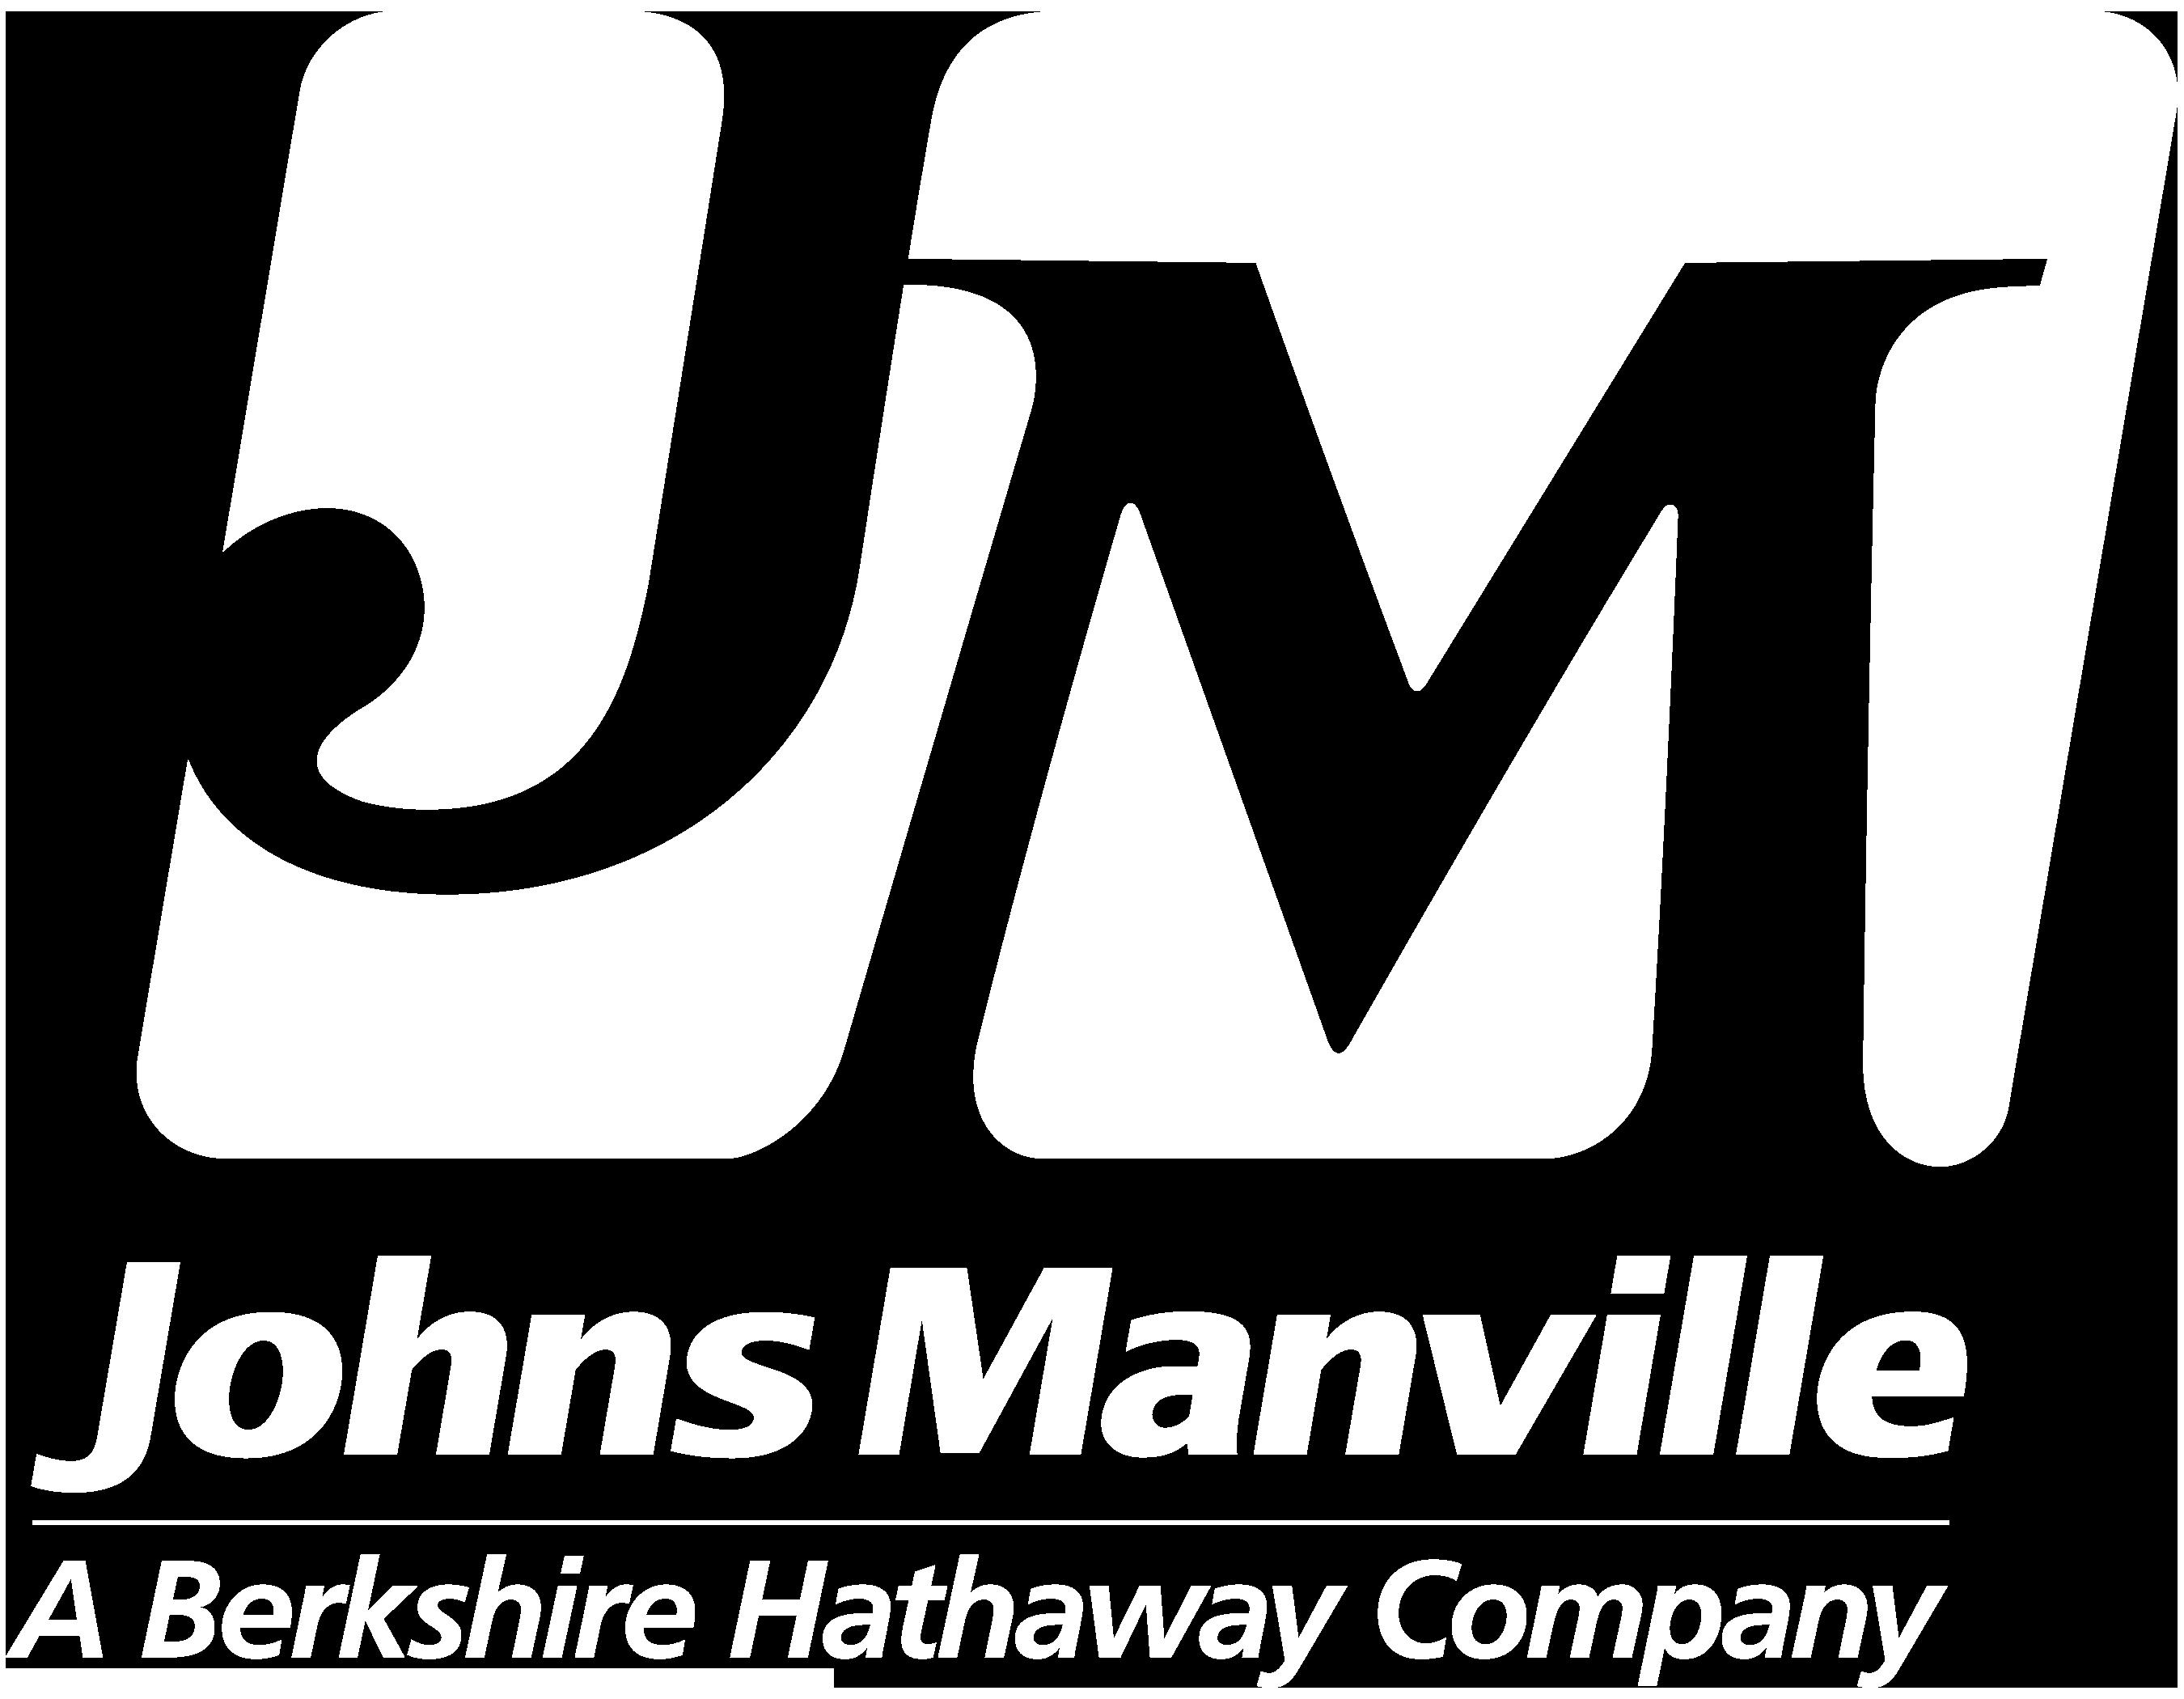 Karriere bei Johns Manville